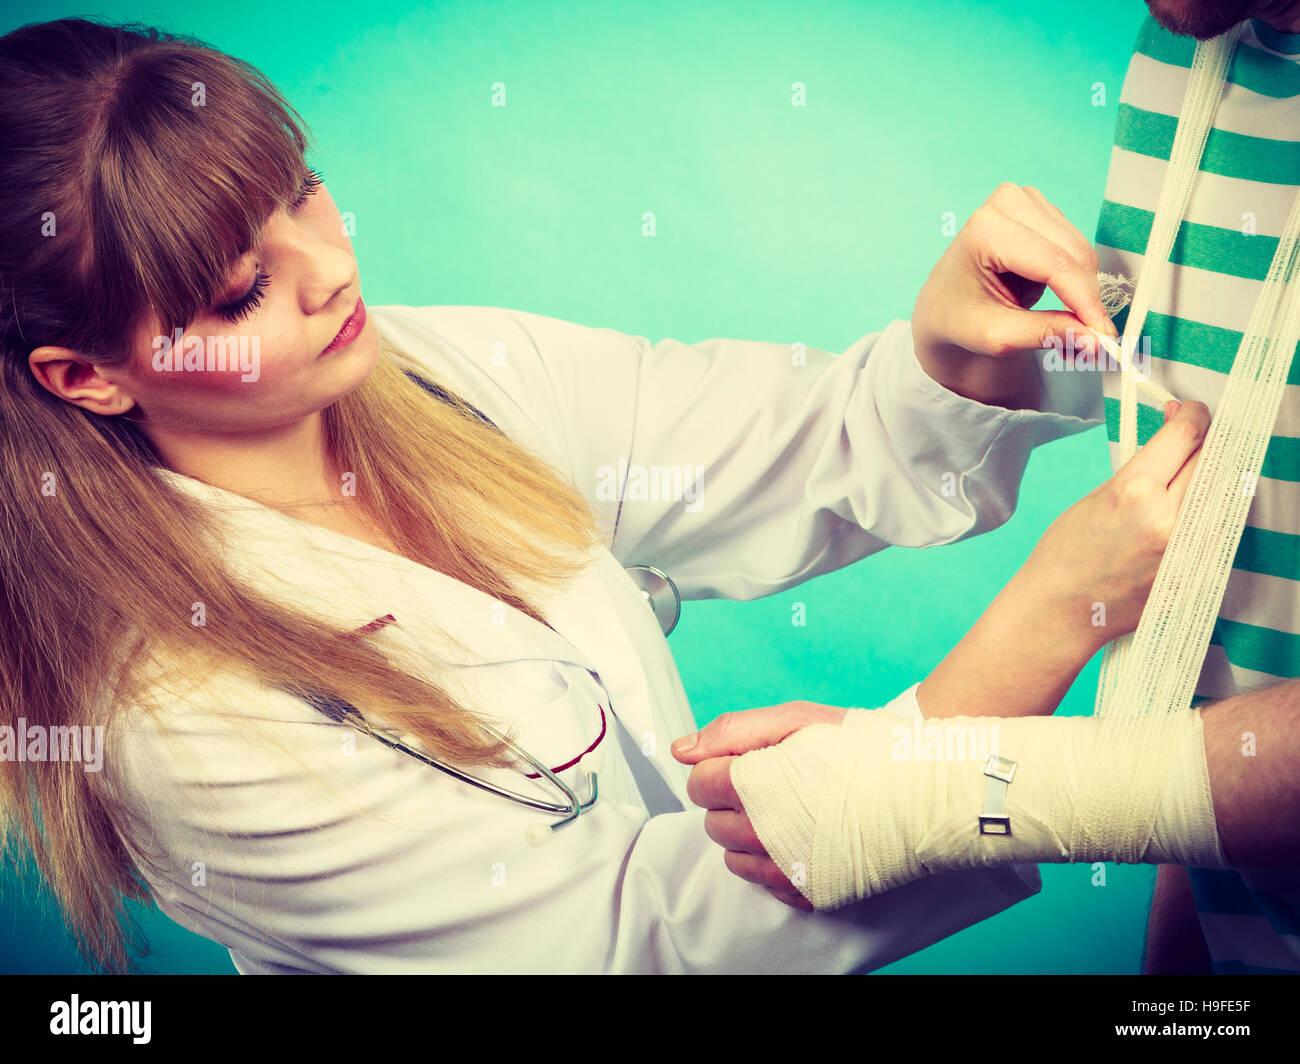 Medizin Und Pflege ärztin Bandagierung Männliche Handgelenk